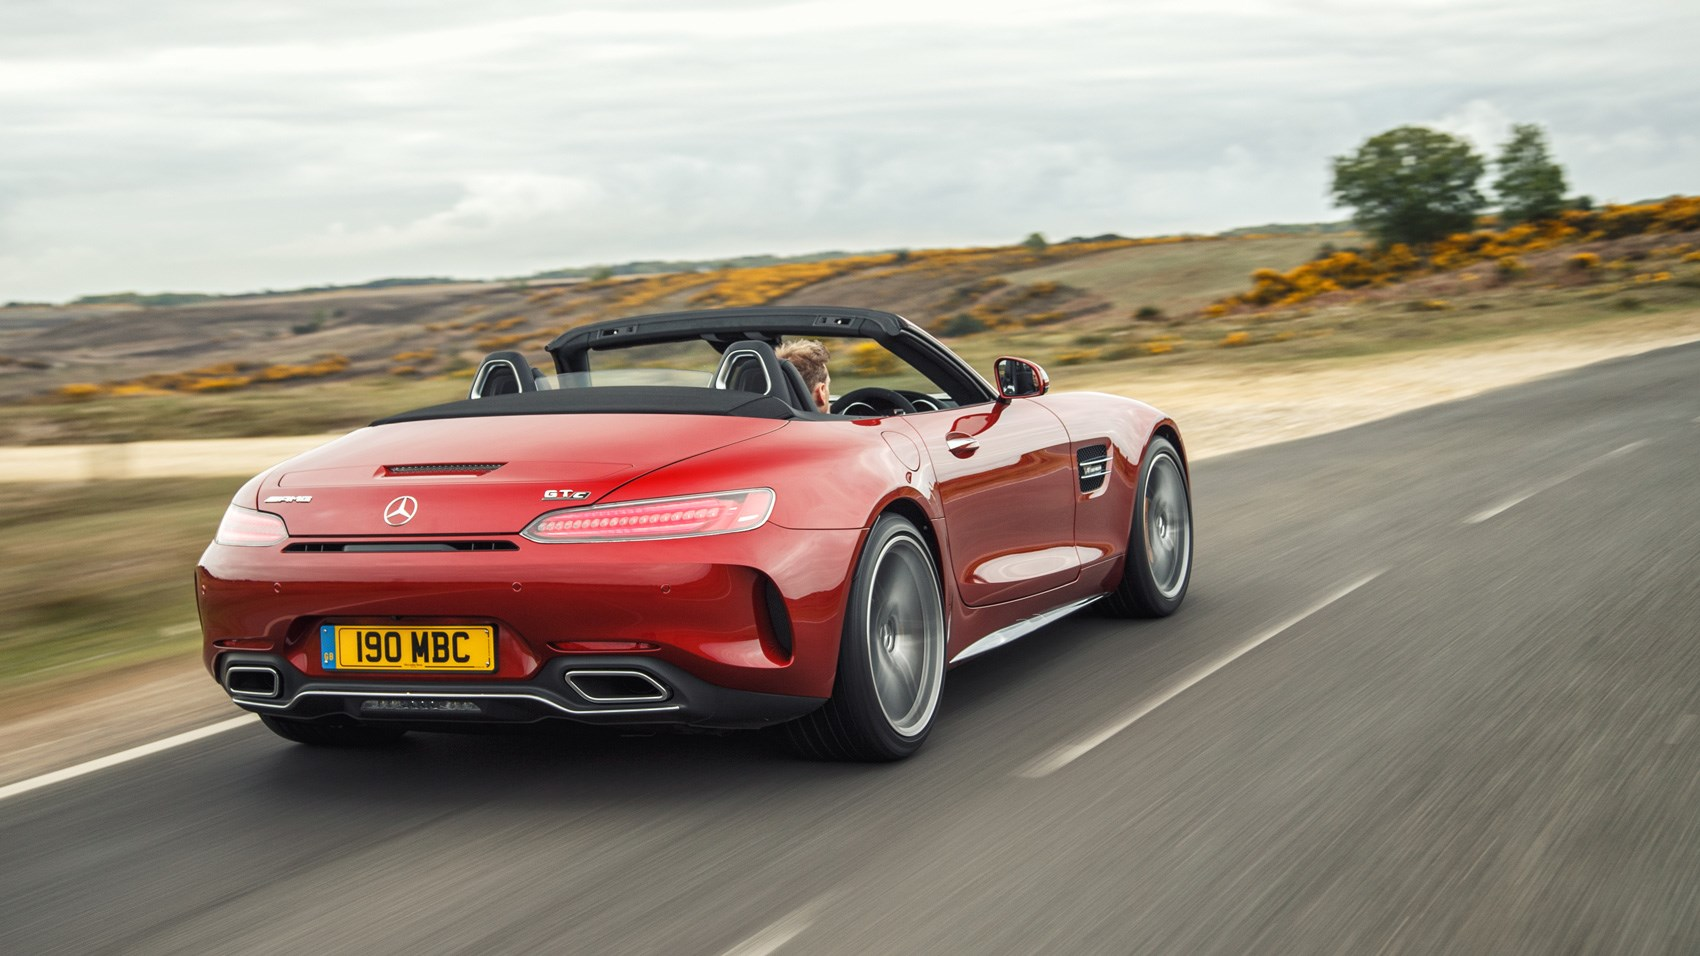 mercedes amg gt c roadster 2017 uk road test review car magazine. Black Bedroom Furniture Sets. Home Design Ideas